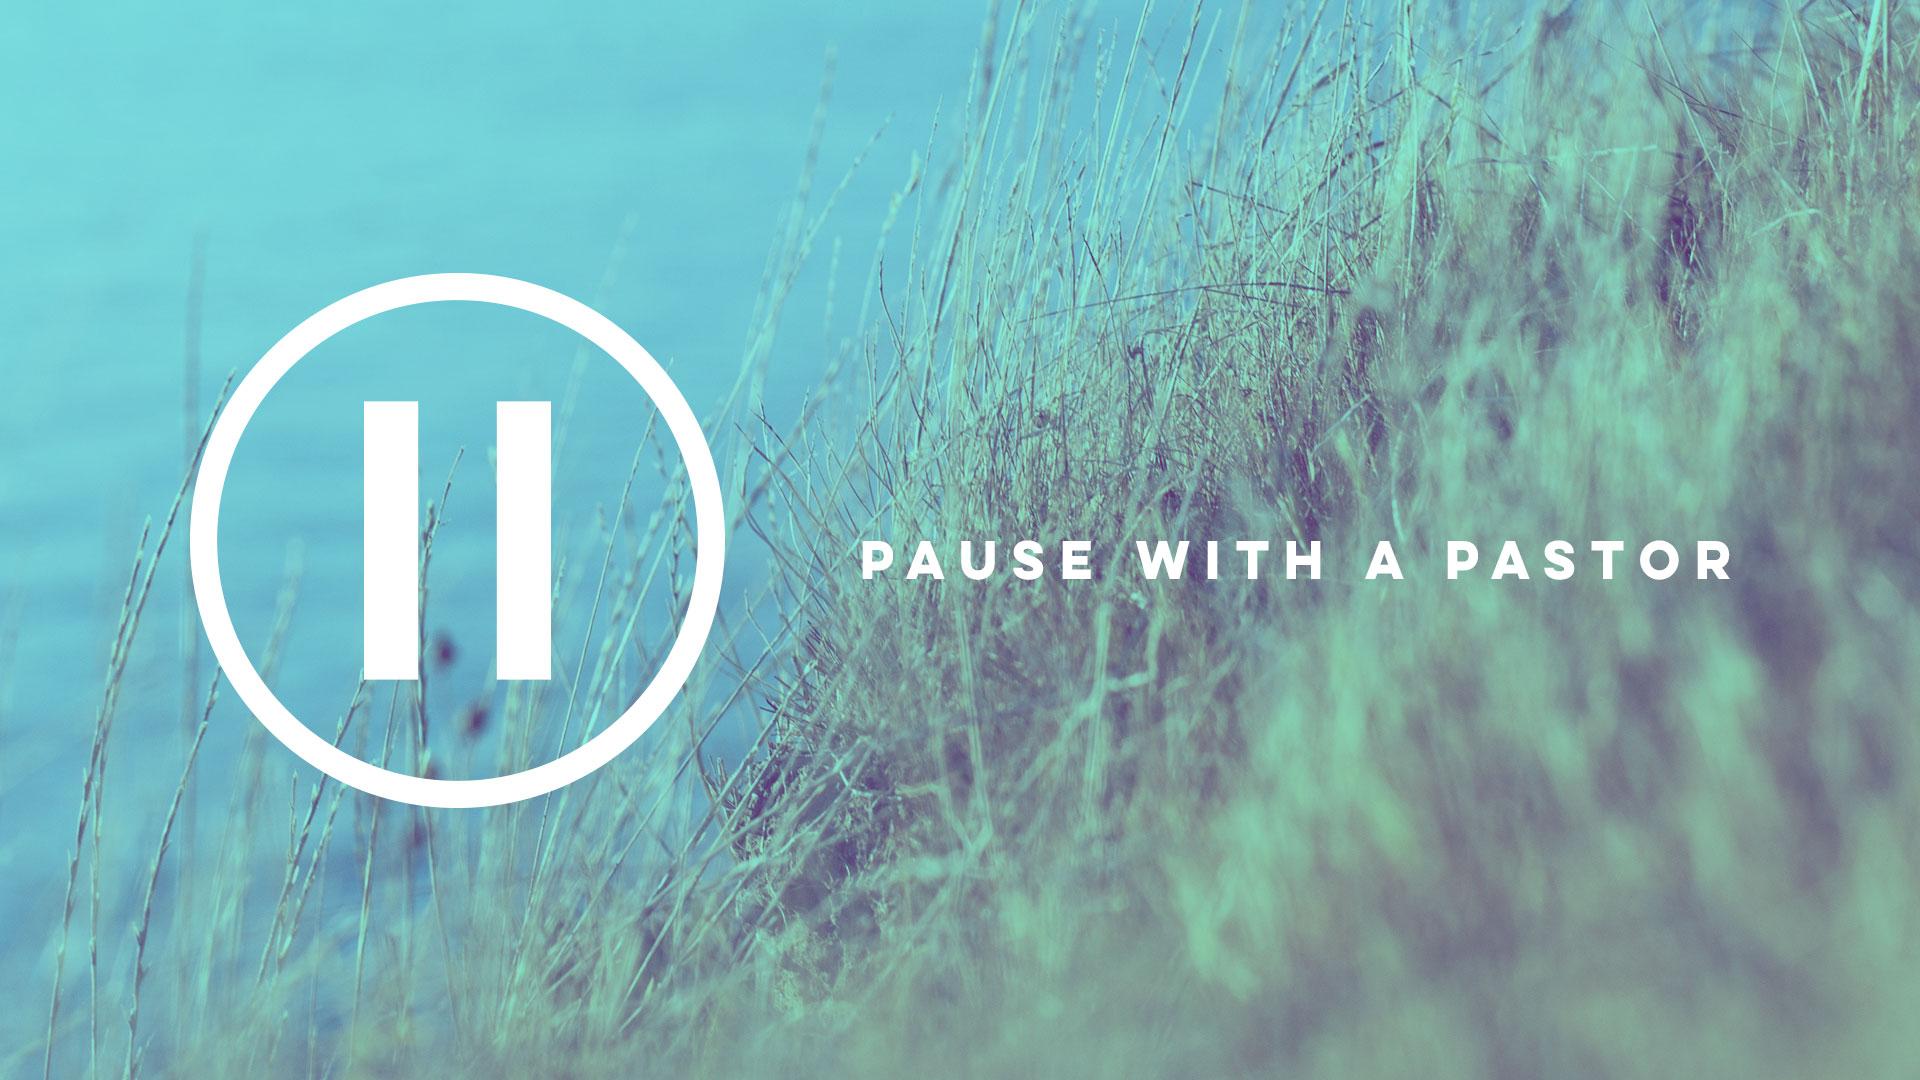 200325._pastor-pause